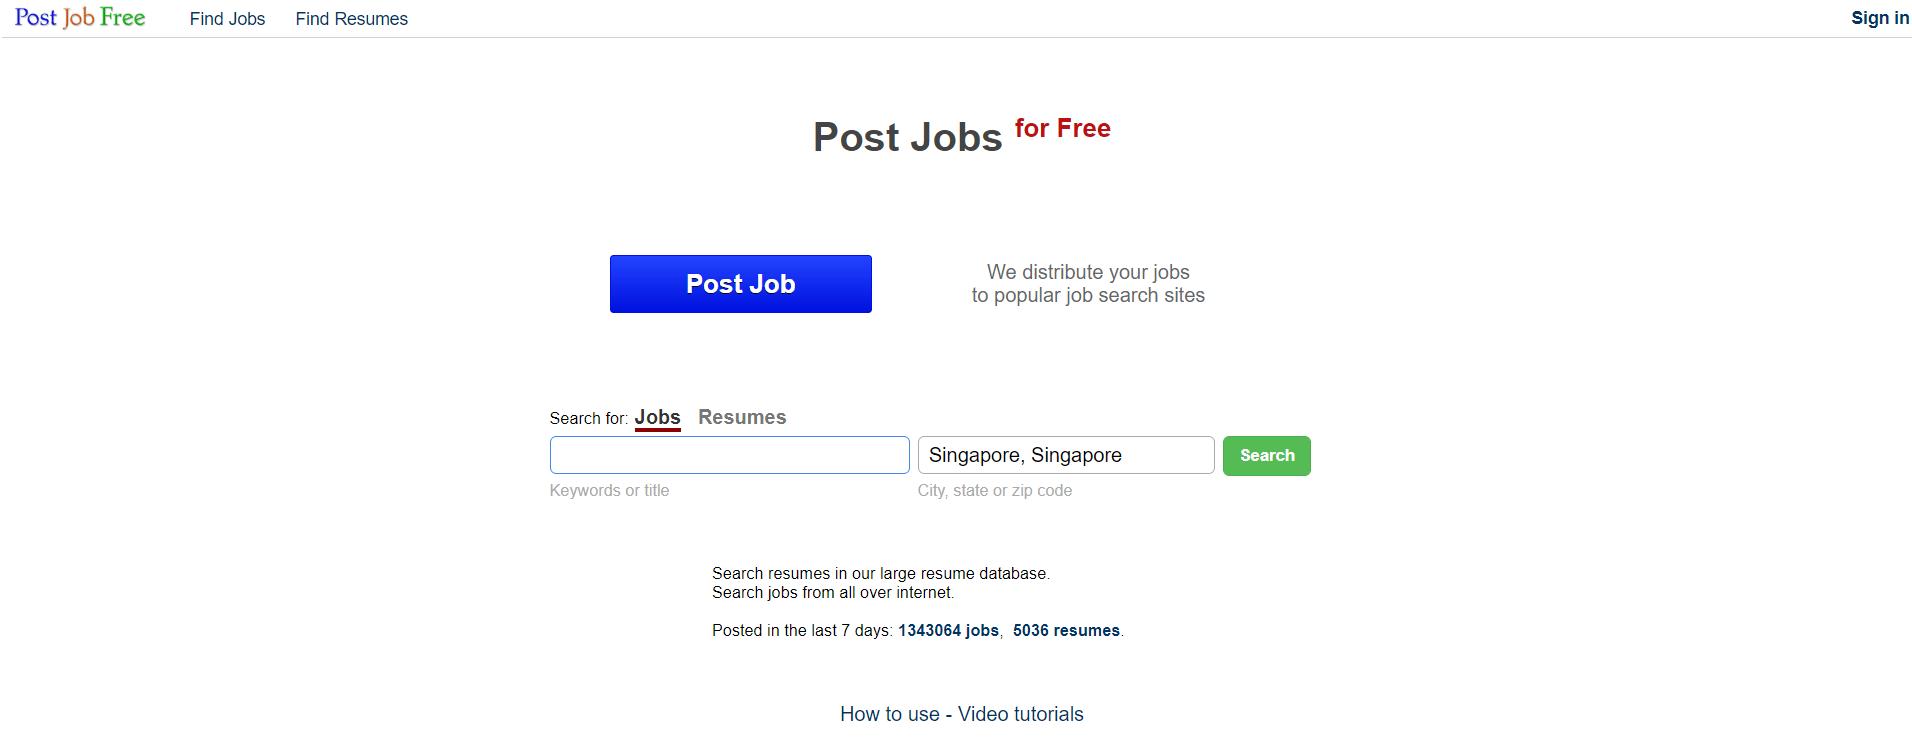 PostJobsFree